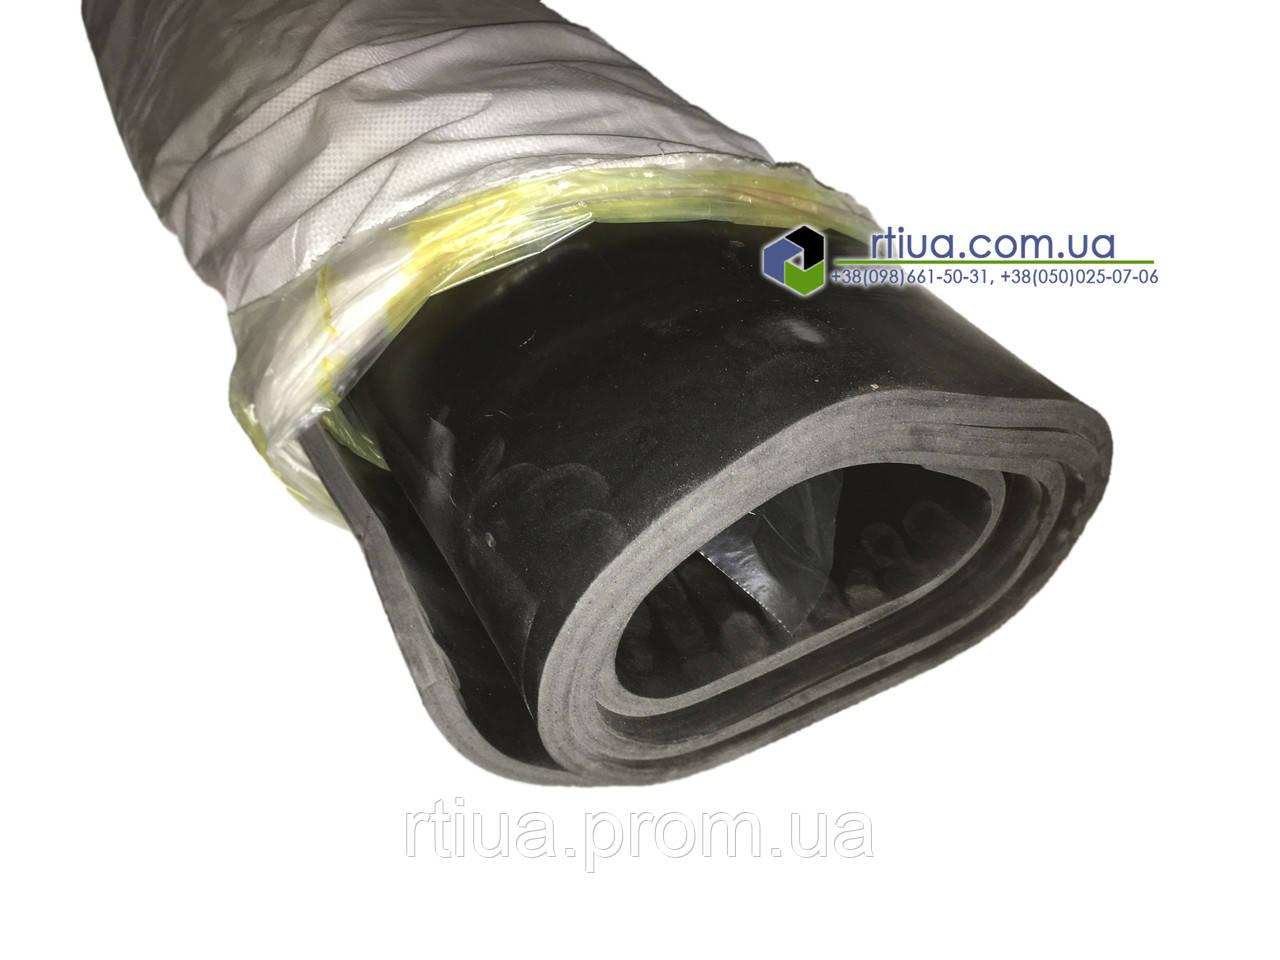 Пластина резиновая 6 мм МБС